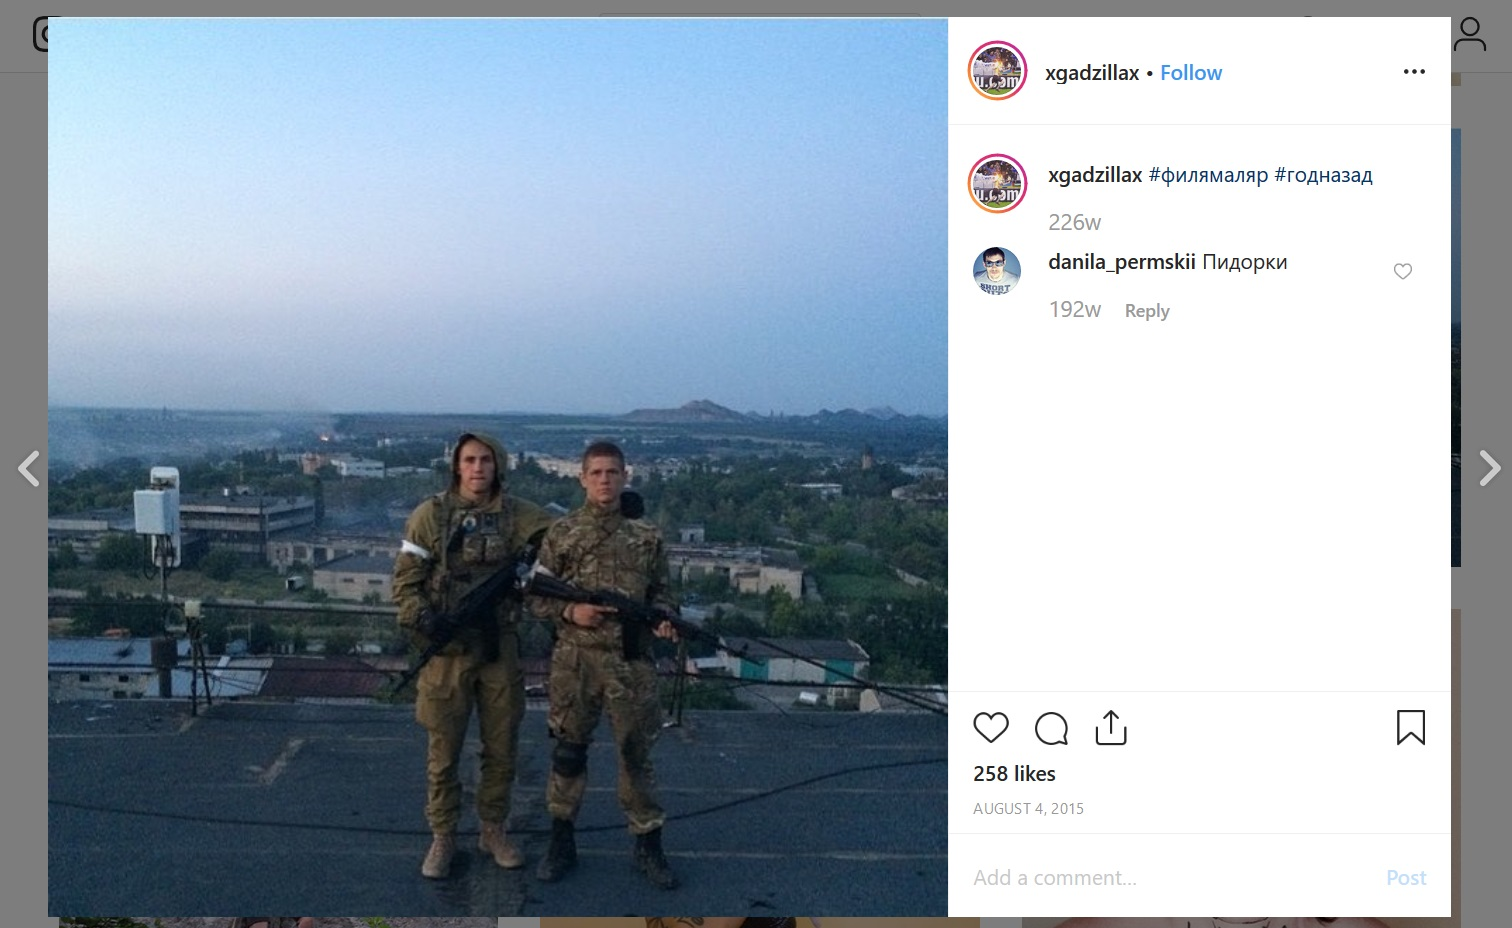 ウクライナ・ナチのアゾフ大隊 セルヒー・フィリモノフとマリアル